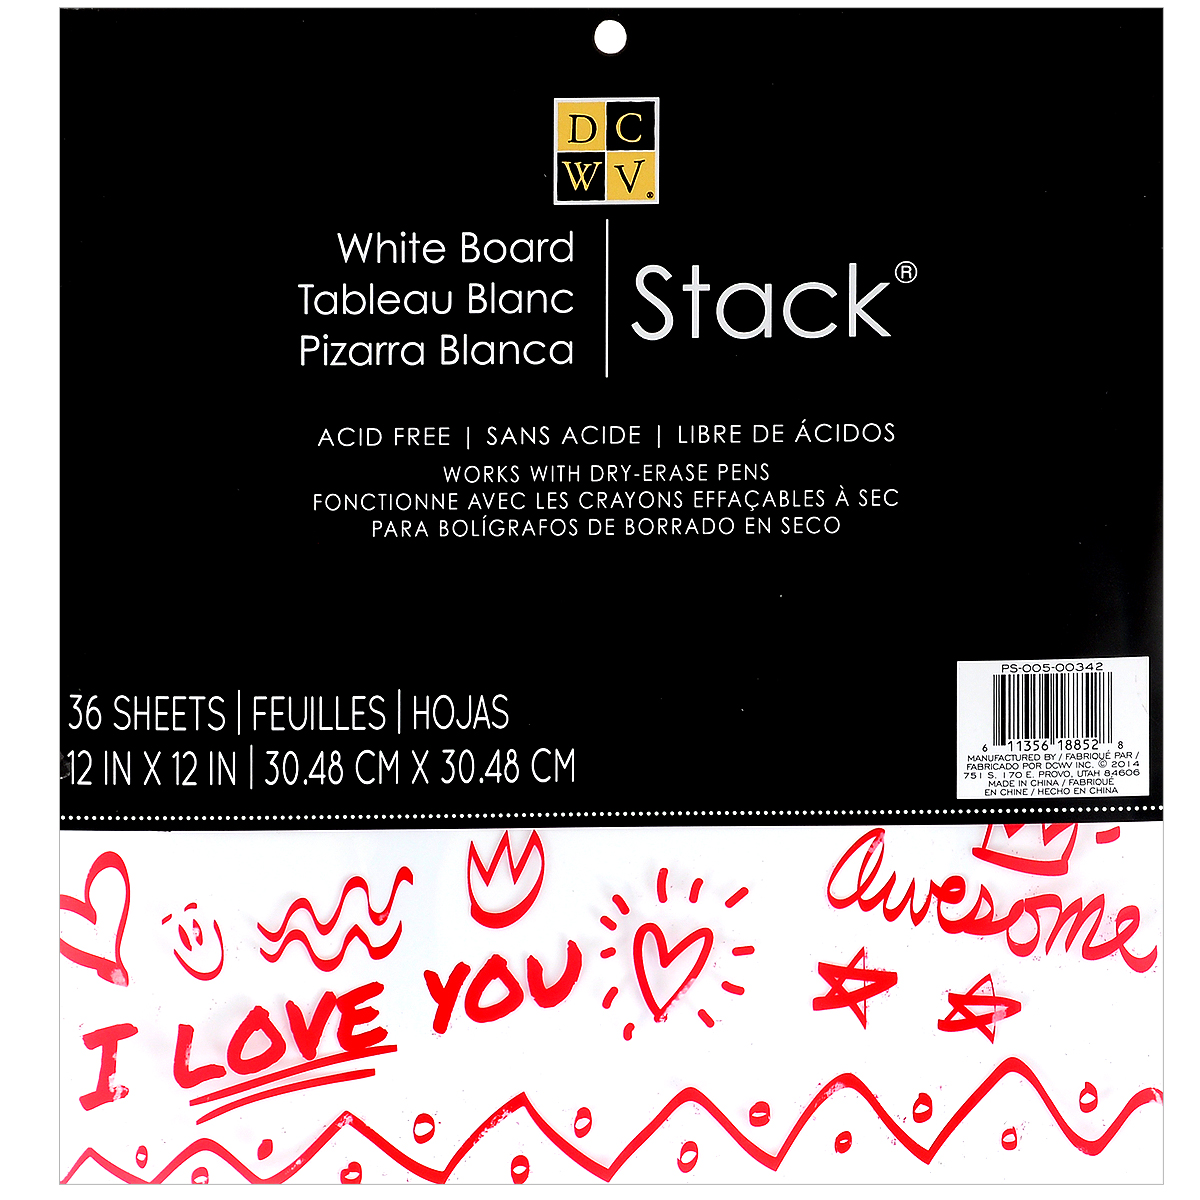 Набор бумаги для скрапбукинга White Board Stack, 36 листовC0042415Набор глянцевой бумаги White Board Stack позволит создавать всевозможные аппликации и поделки. Набор включает бумагу следующих цветов: белый, бежевый. Создание поделок из цветной бумаги поможет ребенку развить творческие способности, кроме того, это увлекательный досуг для детей и взрослых.Скрапбукинг - это хобби, которое способно приносить массу приятных эмоций не только человеку, который занимается скрапбукингом, но и его близким, друзьям, родным. Это невероятно увлекательное занятие, которое поможет вам сохранить наиболее памятные и яркие моменты вашей жизни для вас и даже ваших потомков. В набор входит 36 листов белого цвета.Размер листа: 30,4 см х 30,4 см.